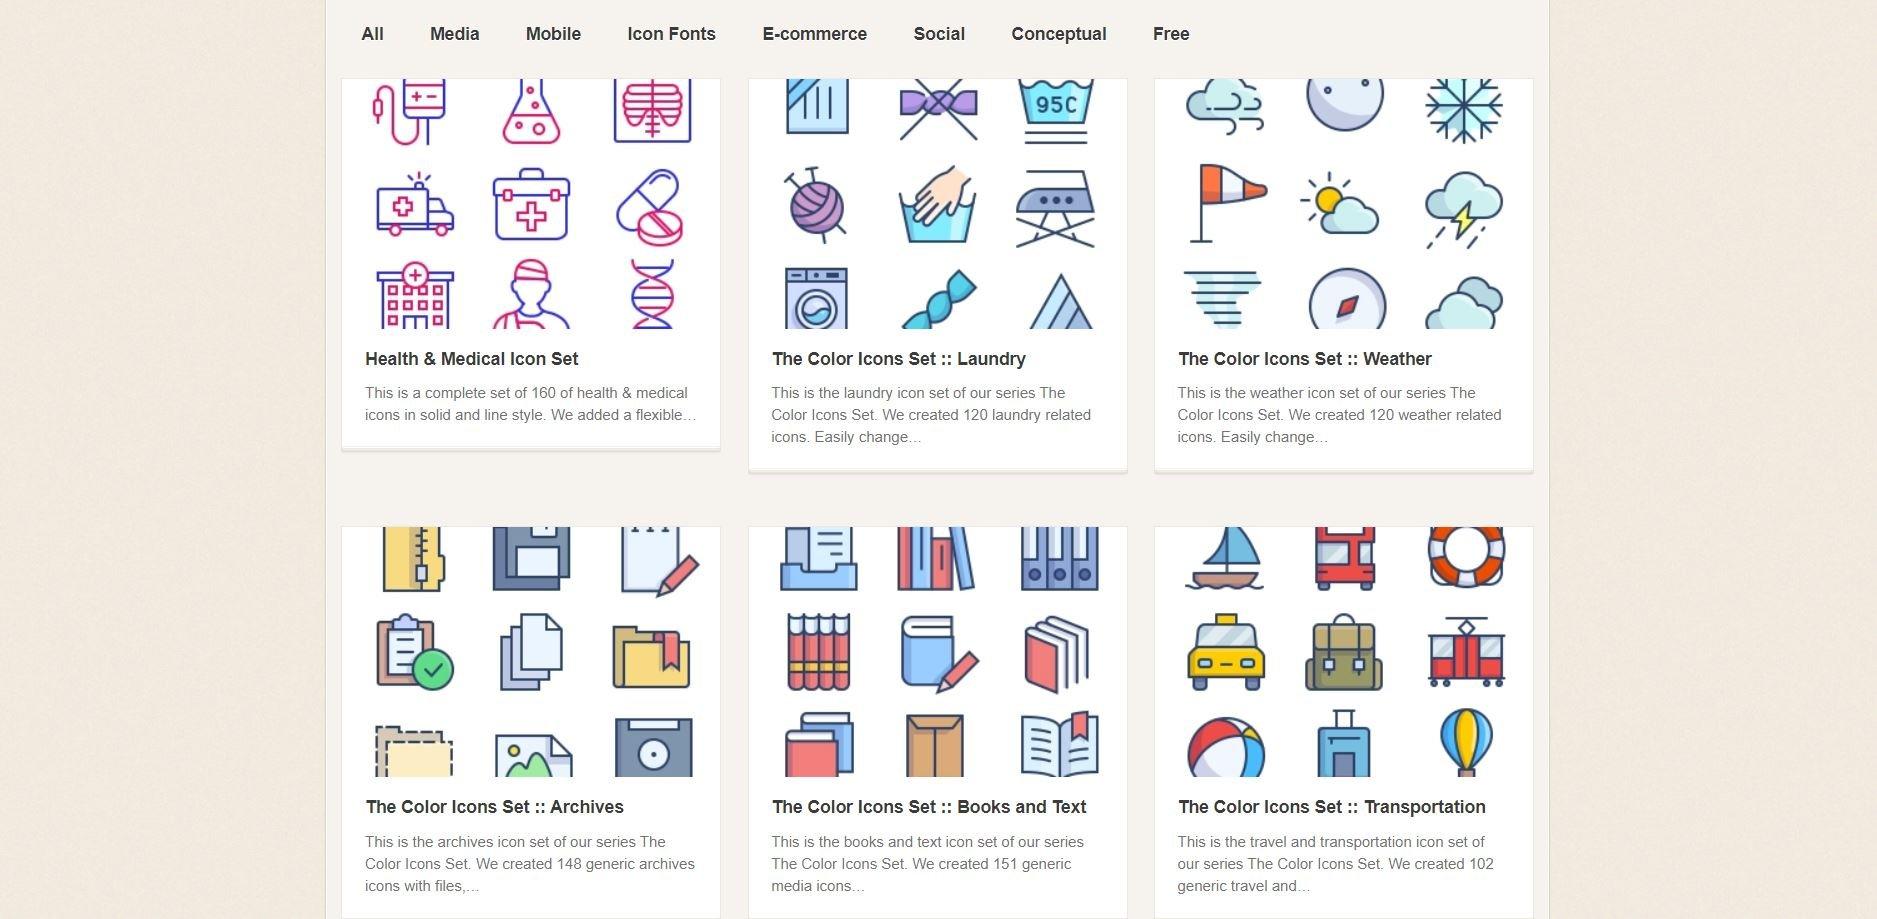 Vector icons - PixEden 2020